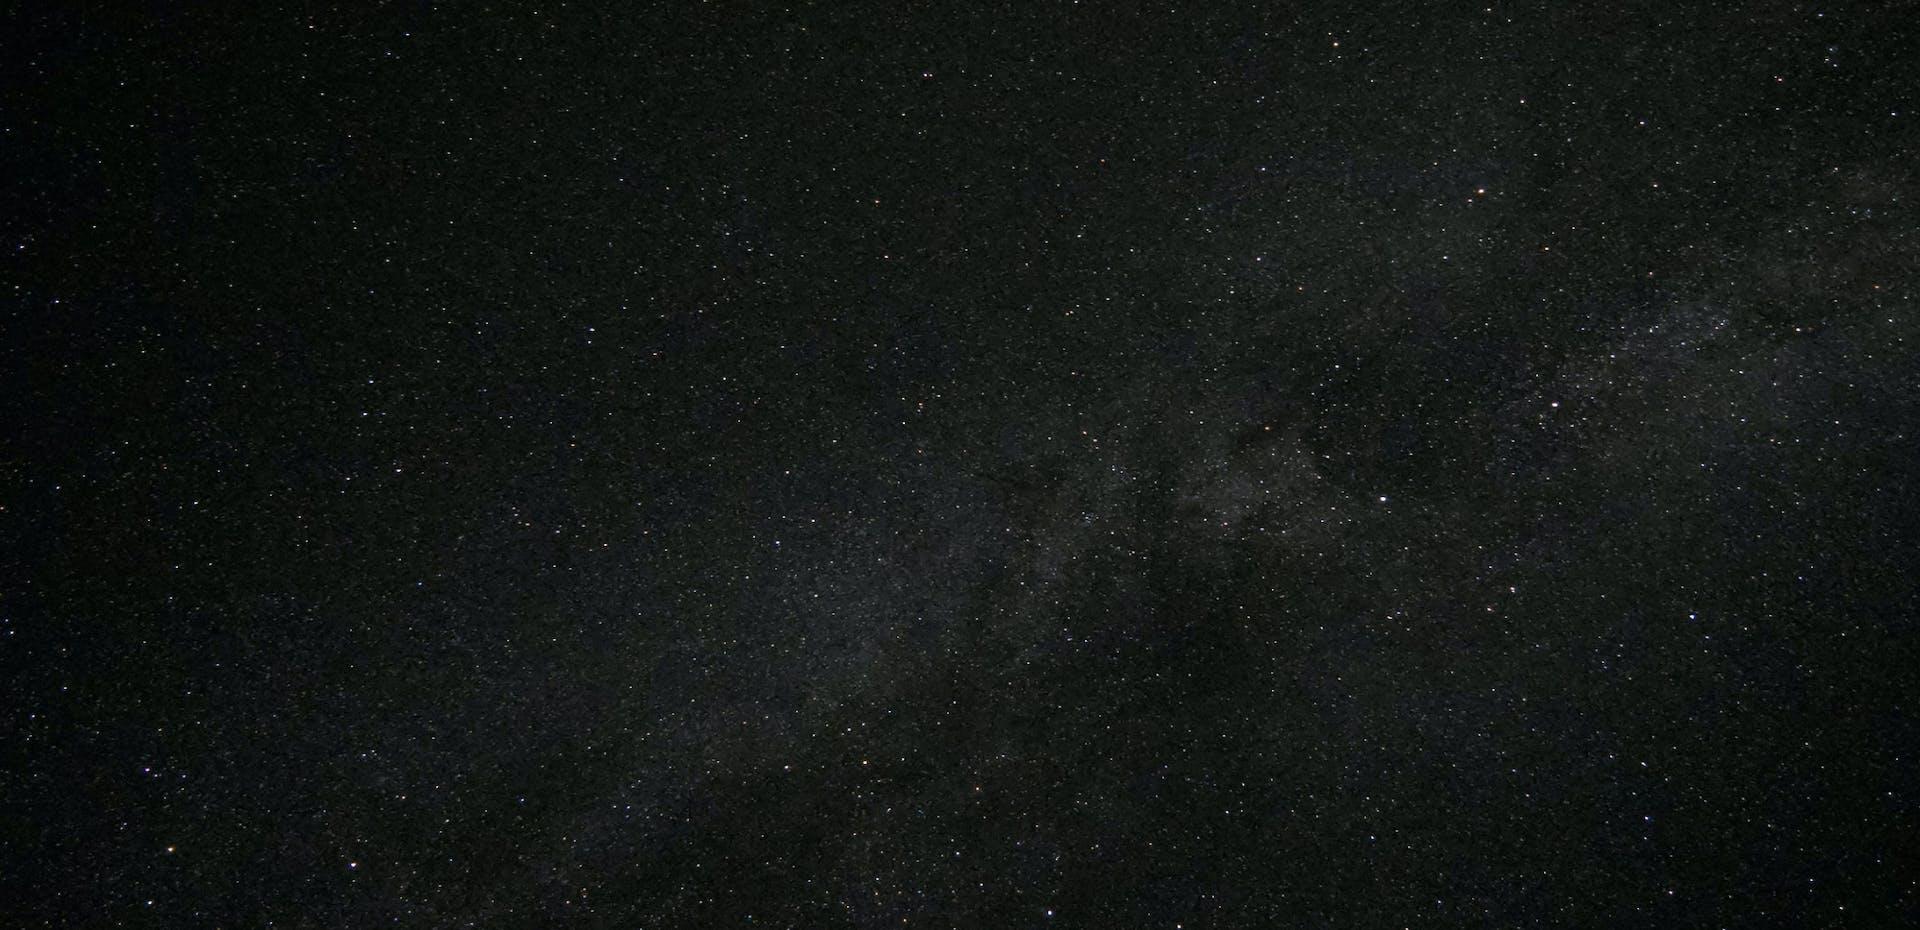 Donkere materie in het heelal